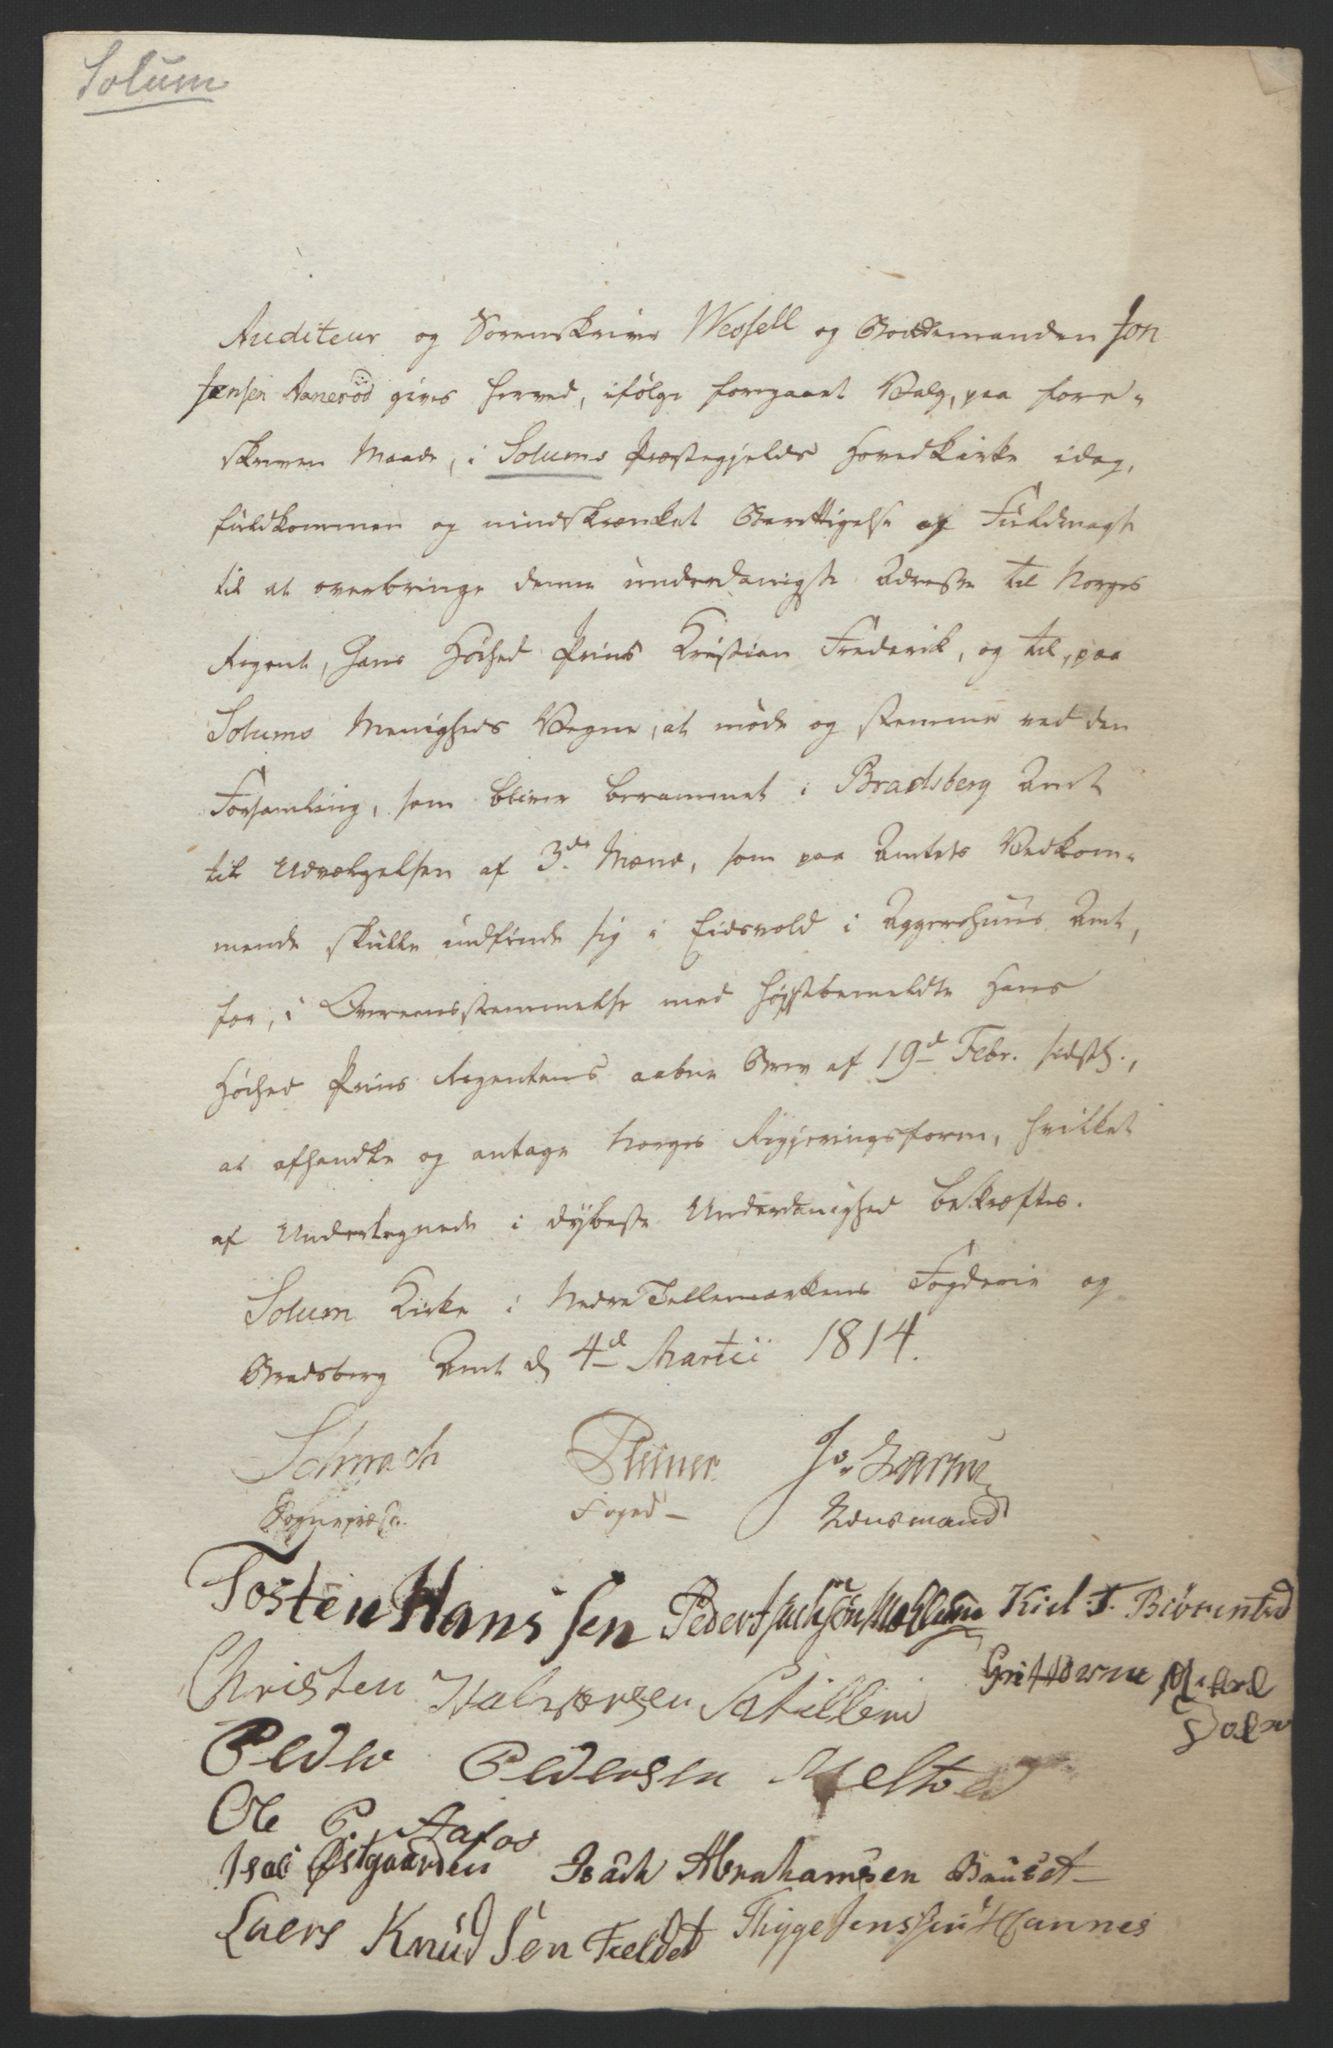 RA, Statsrådssekretariatet, D/Db/L0008: Fullmakter for Eidsvollsrepresentantene i 1814. , 1814, s. 69